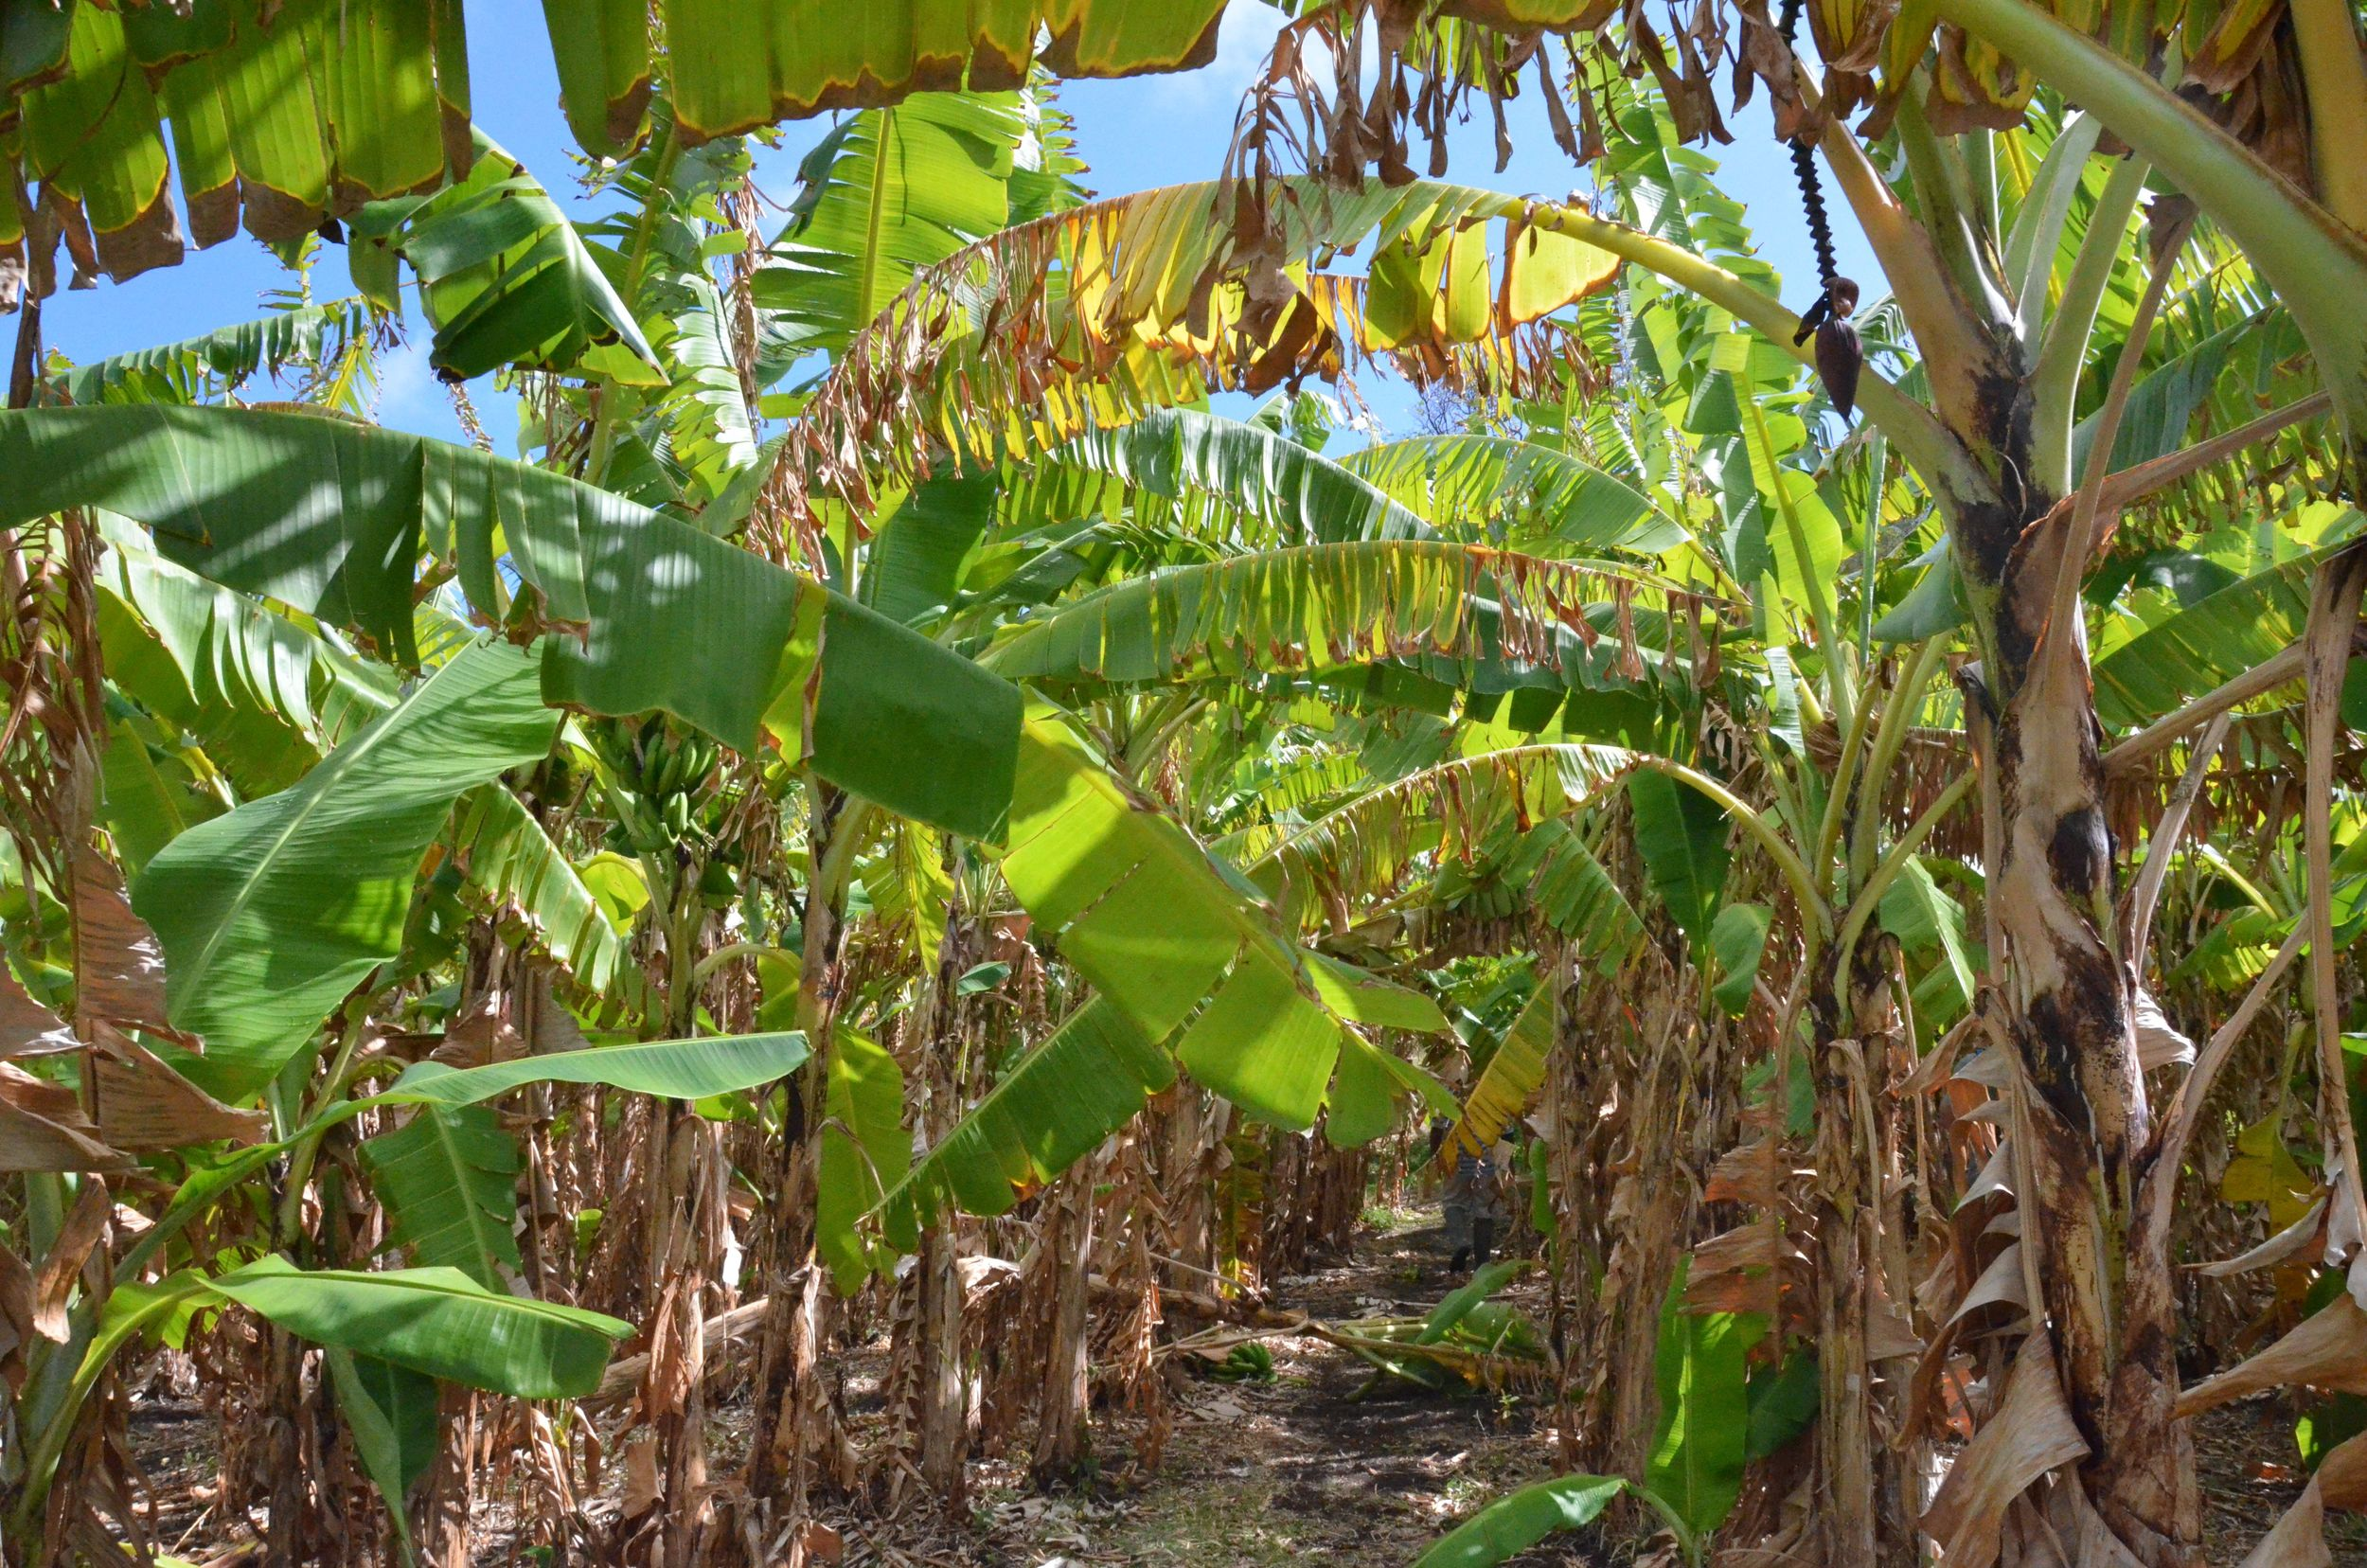 Firefly Banana Trees